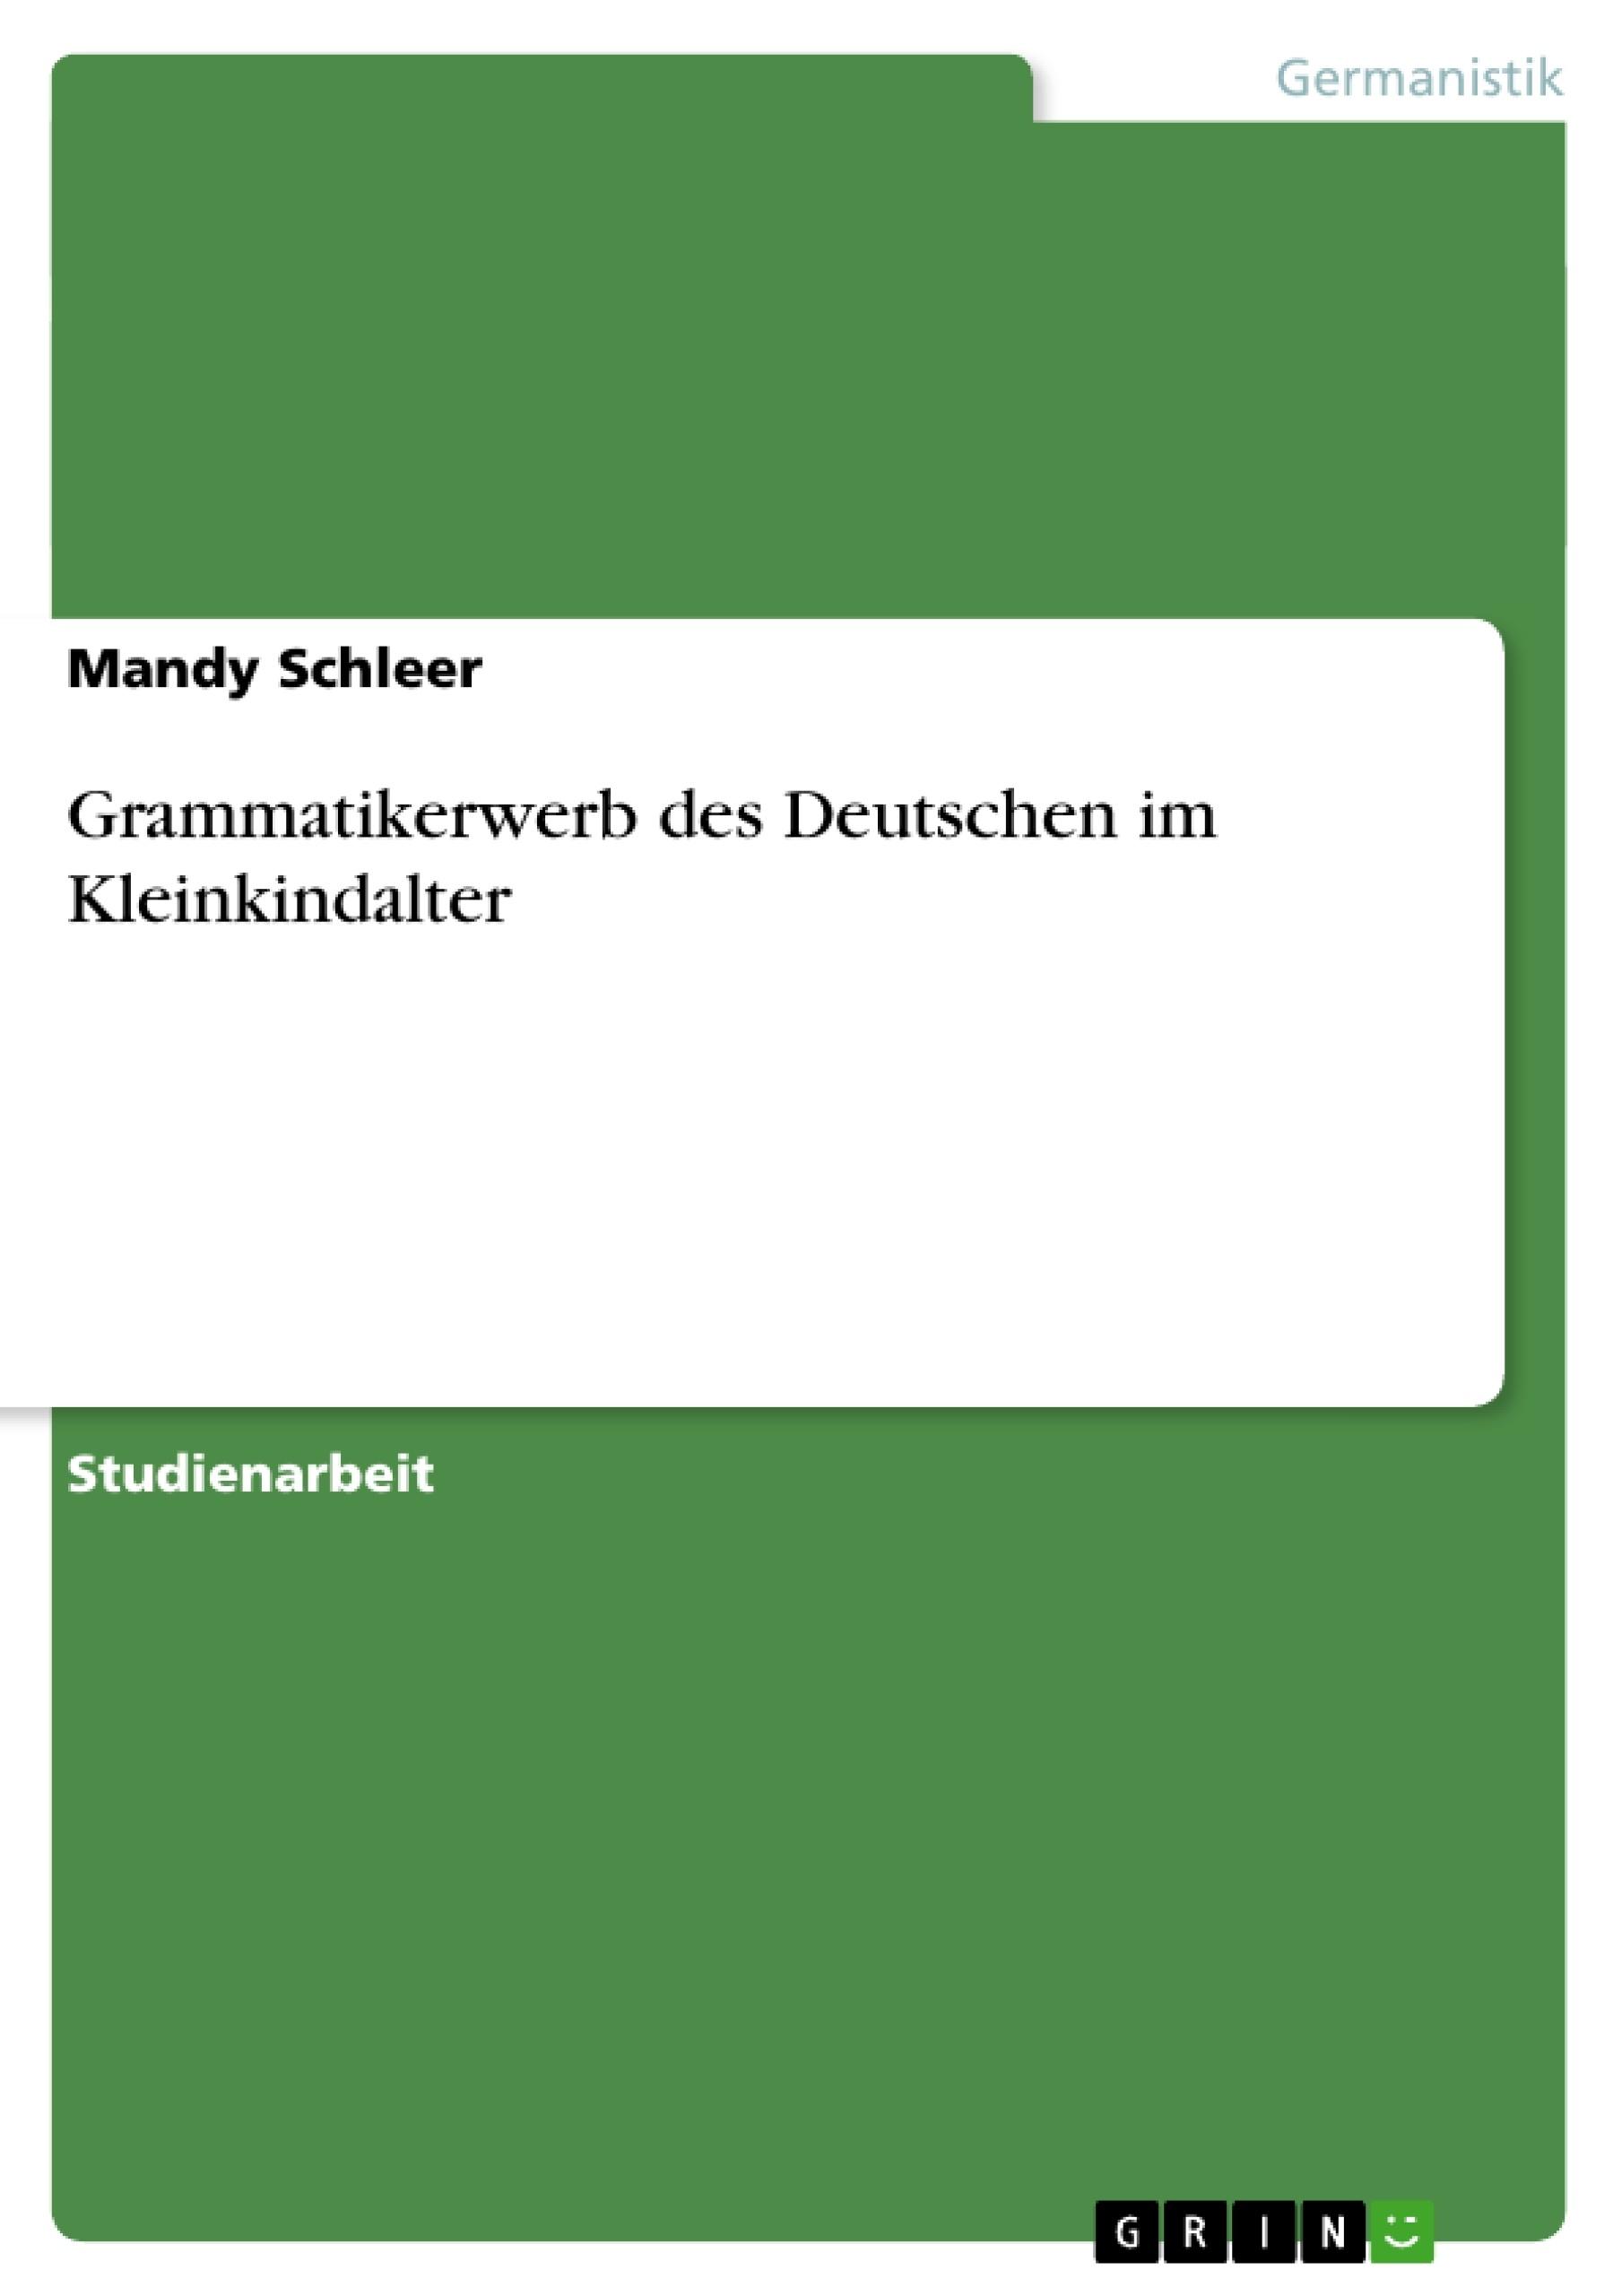 Titel: Grammatikerwerb des Deutschen im Kleinkindalter